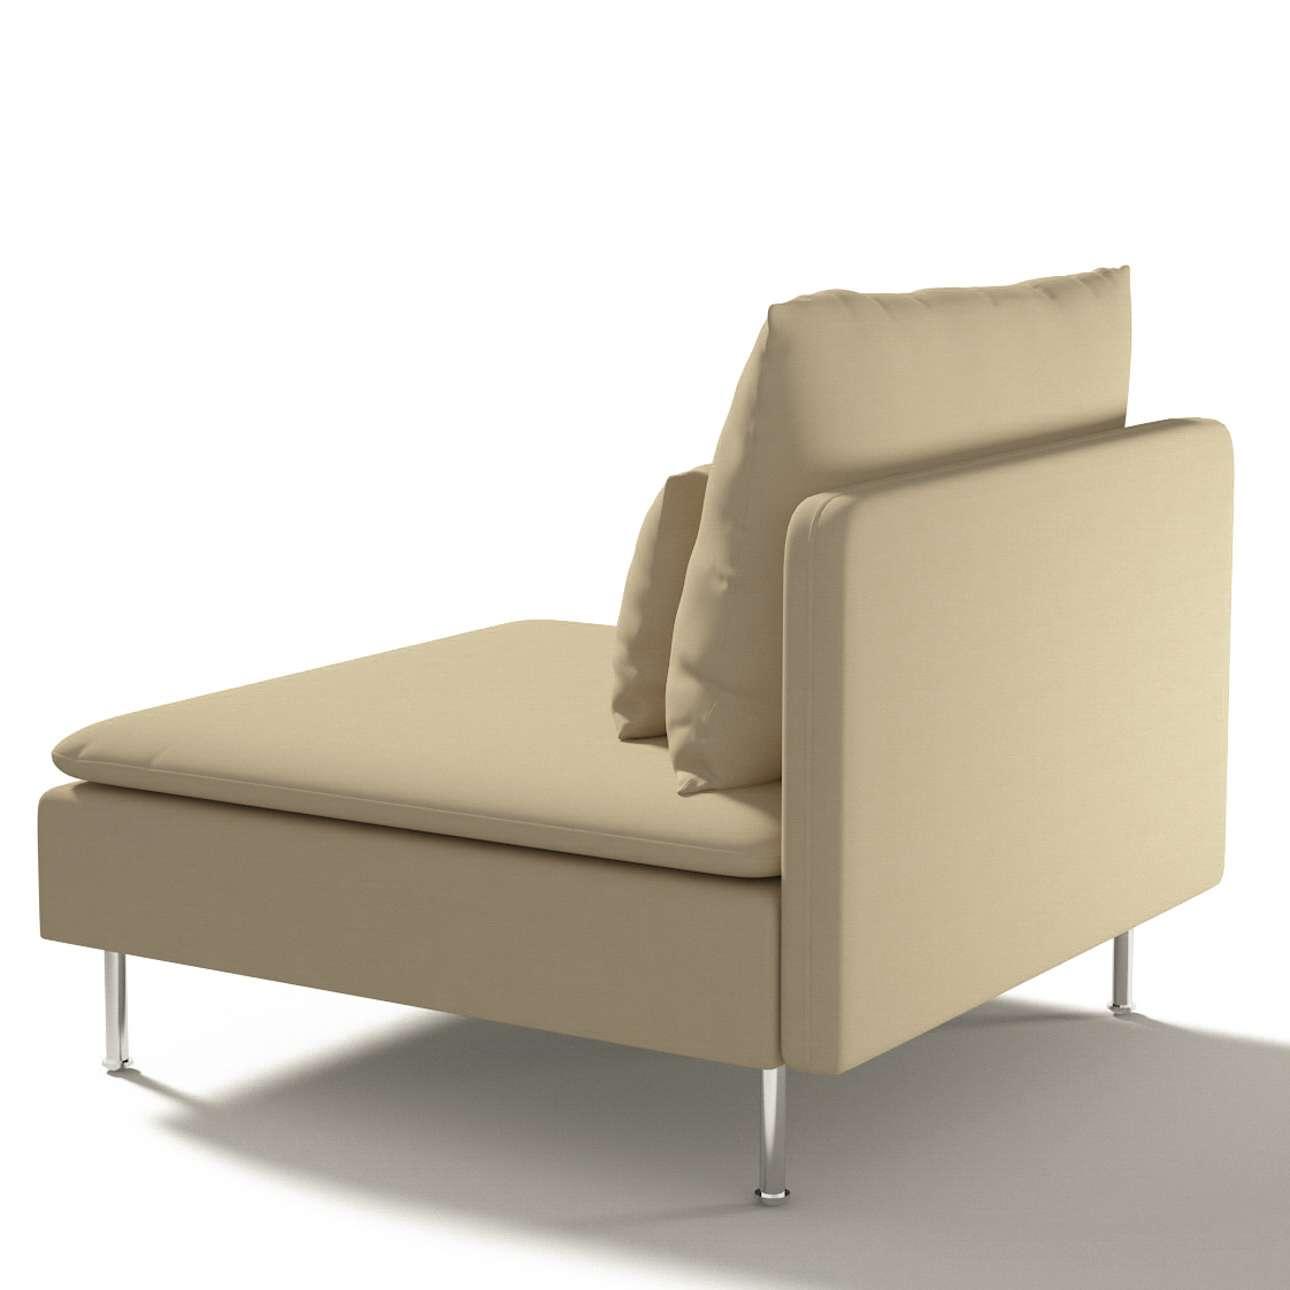 Söderhamn Bezug für Sitzelement 1 Sitzelement 1 von der Kollektion Cotton Panama, Stoff: 702-01